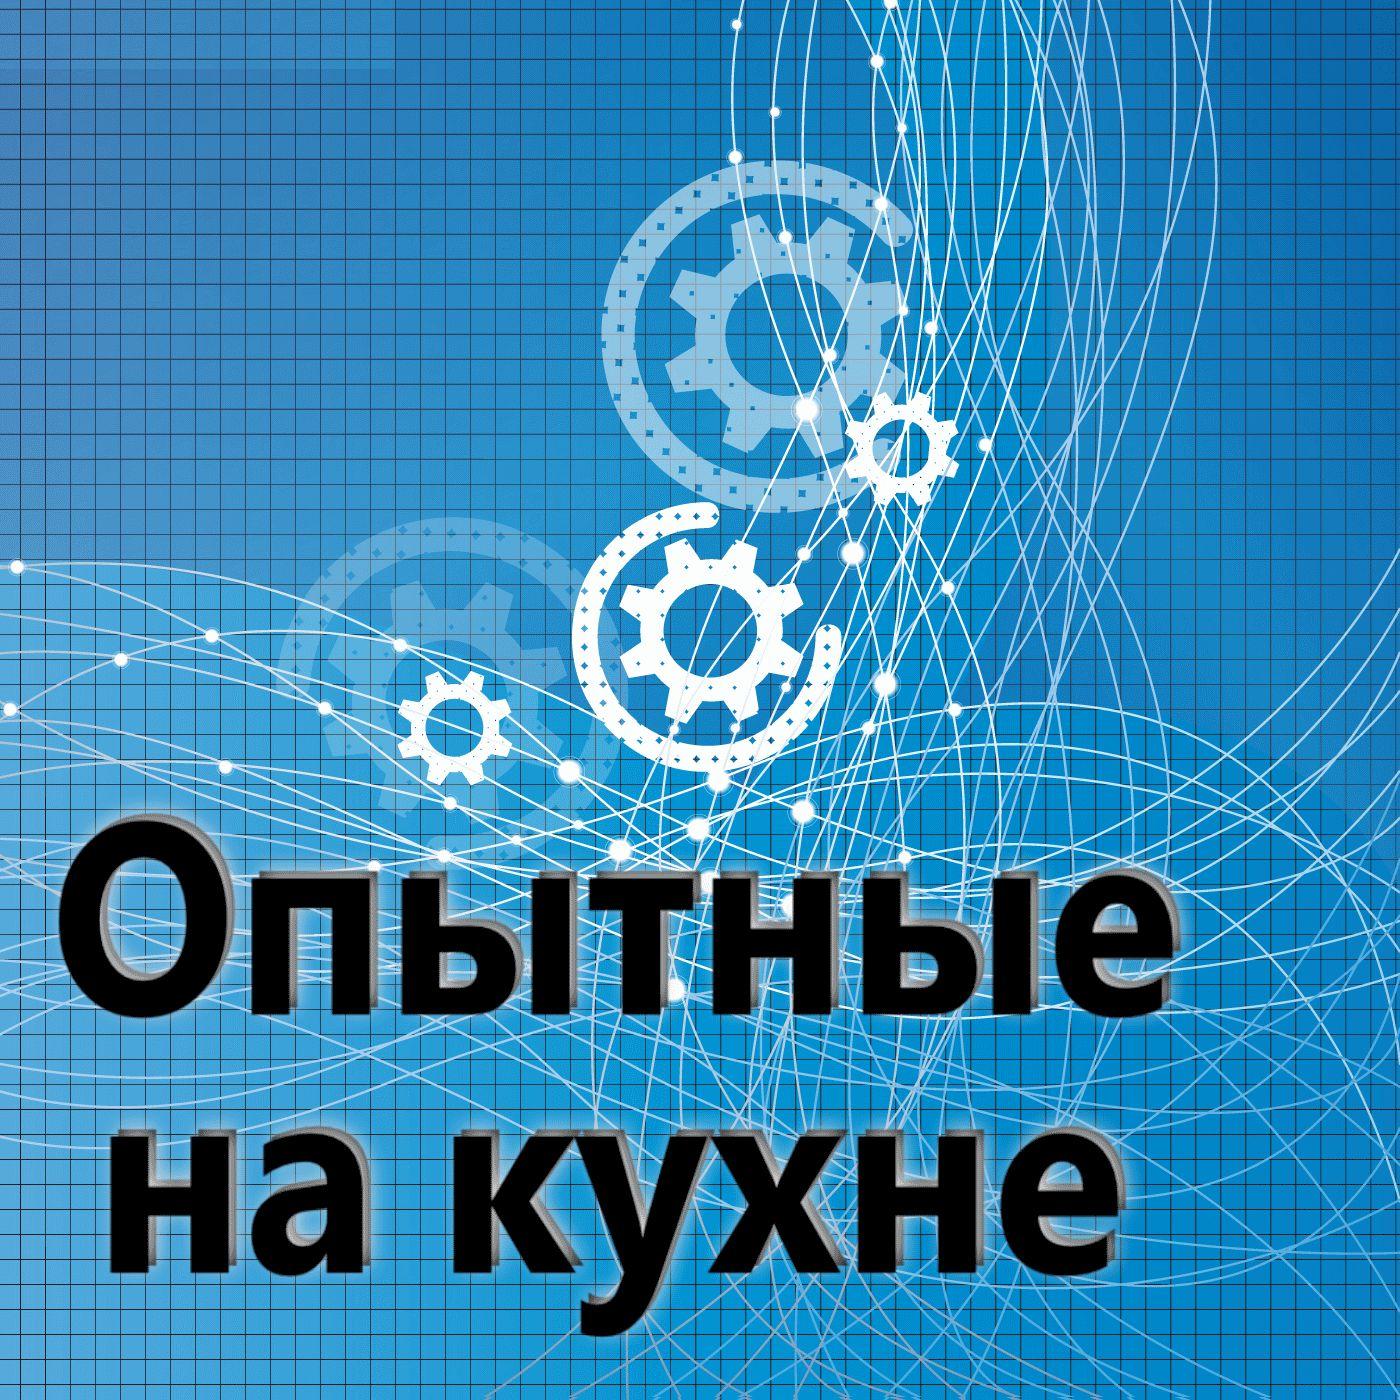 Евгений Плешивцев Опытные на кухне №002 евгений плешивцев опытные на кухне 002